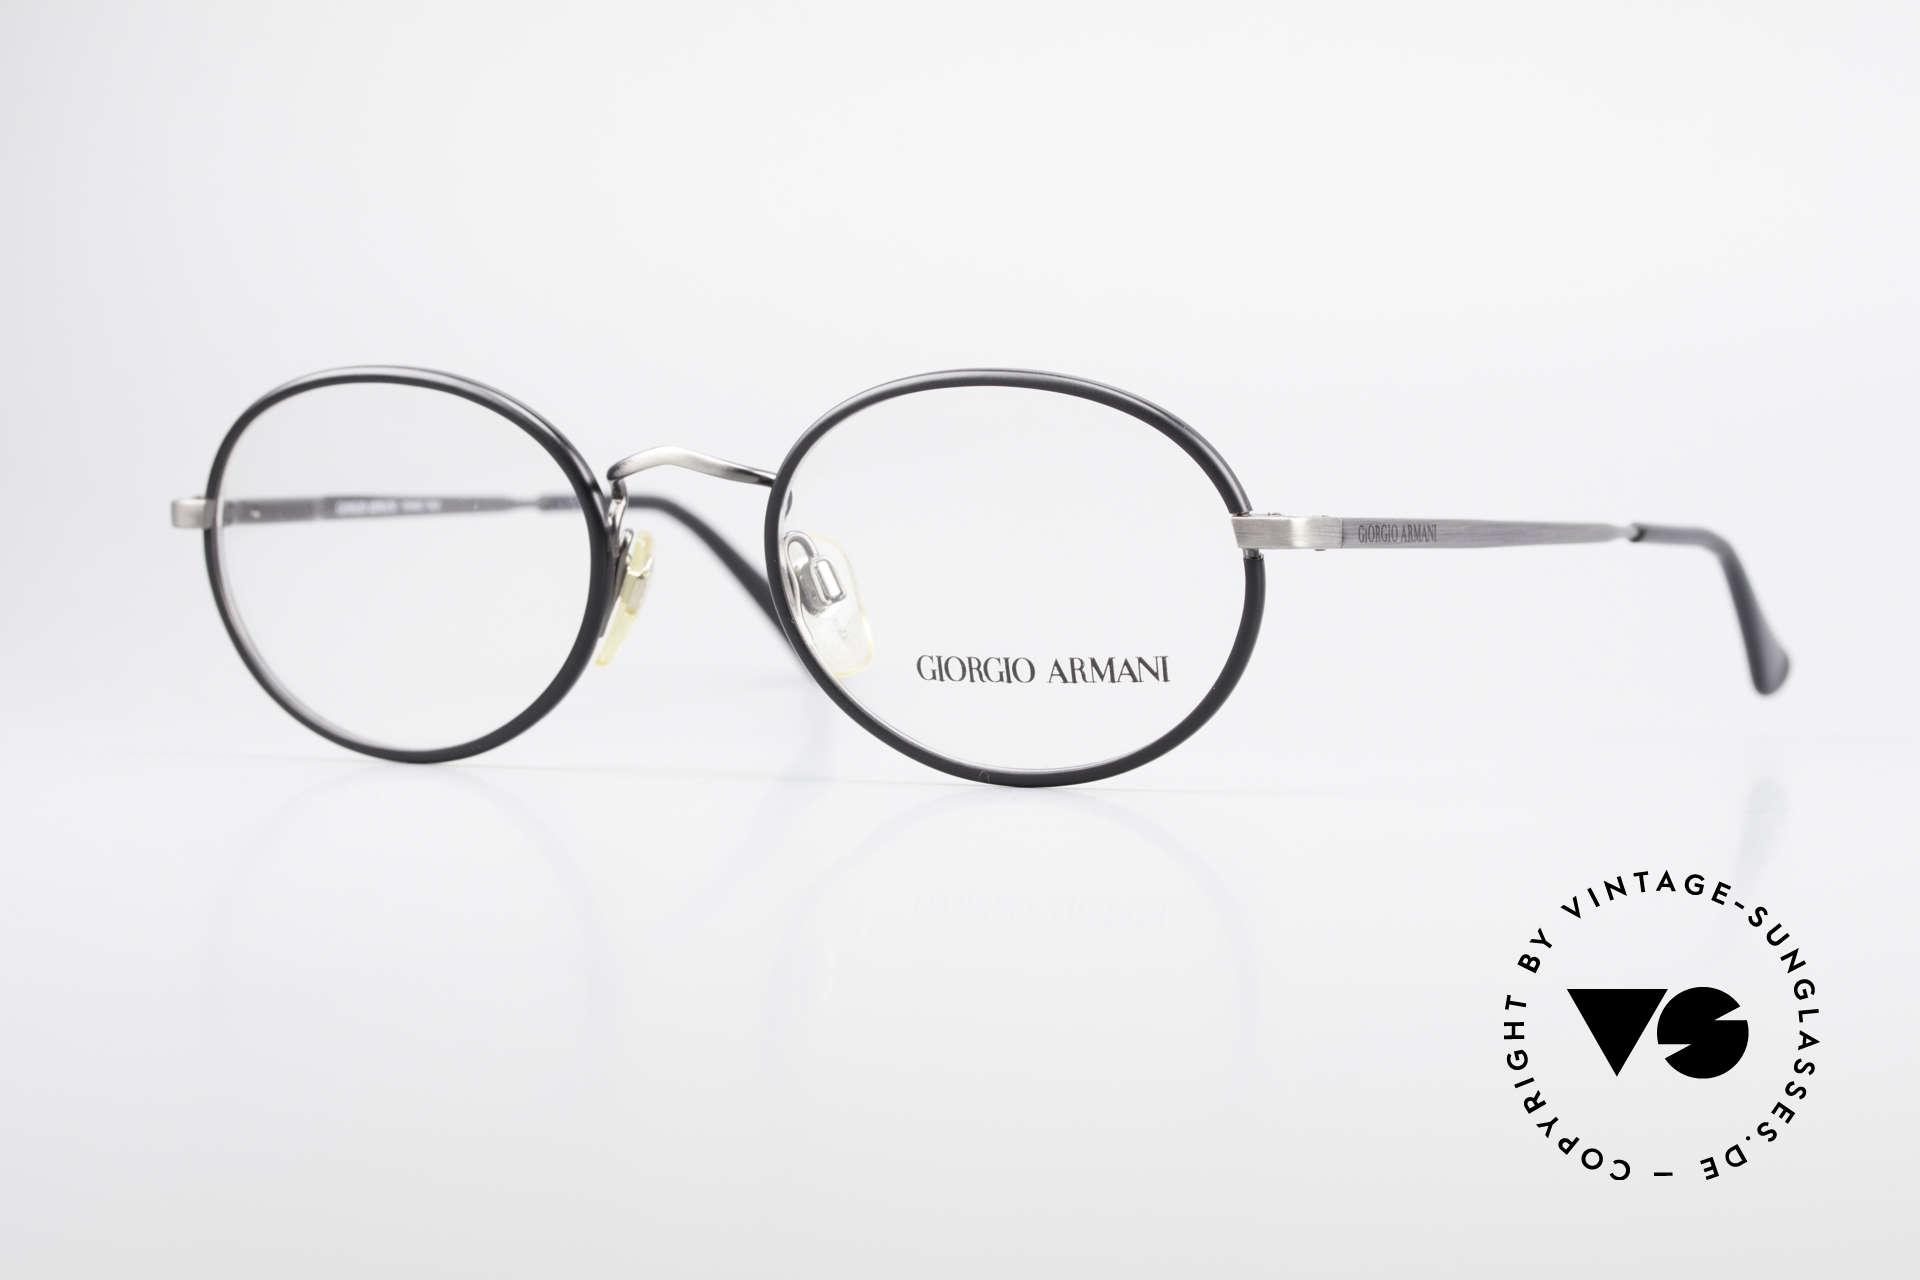 Giorgio Armani 235 Ovale Vintage Brille Unisex, vintage Giorgio Armani DesignerFassung der 80er Jahre, Passend für Herren und Damen